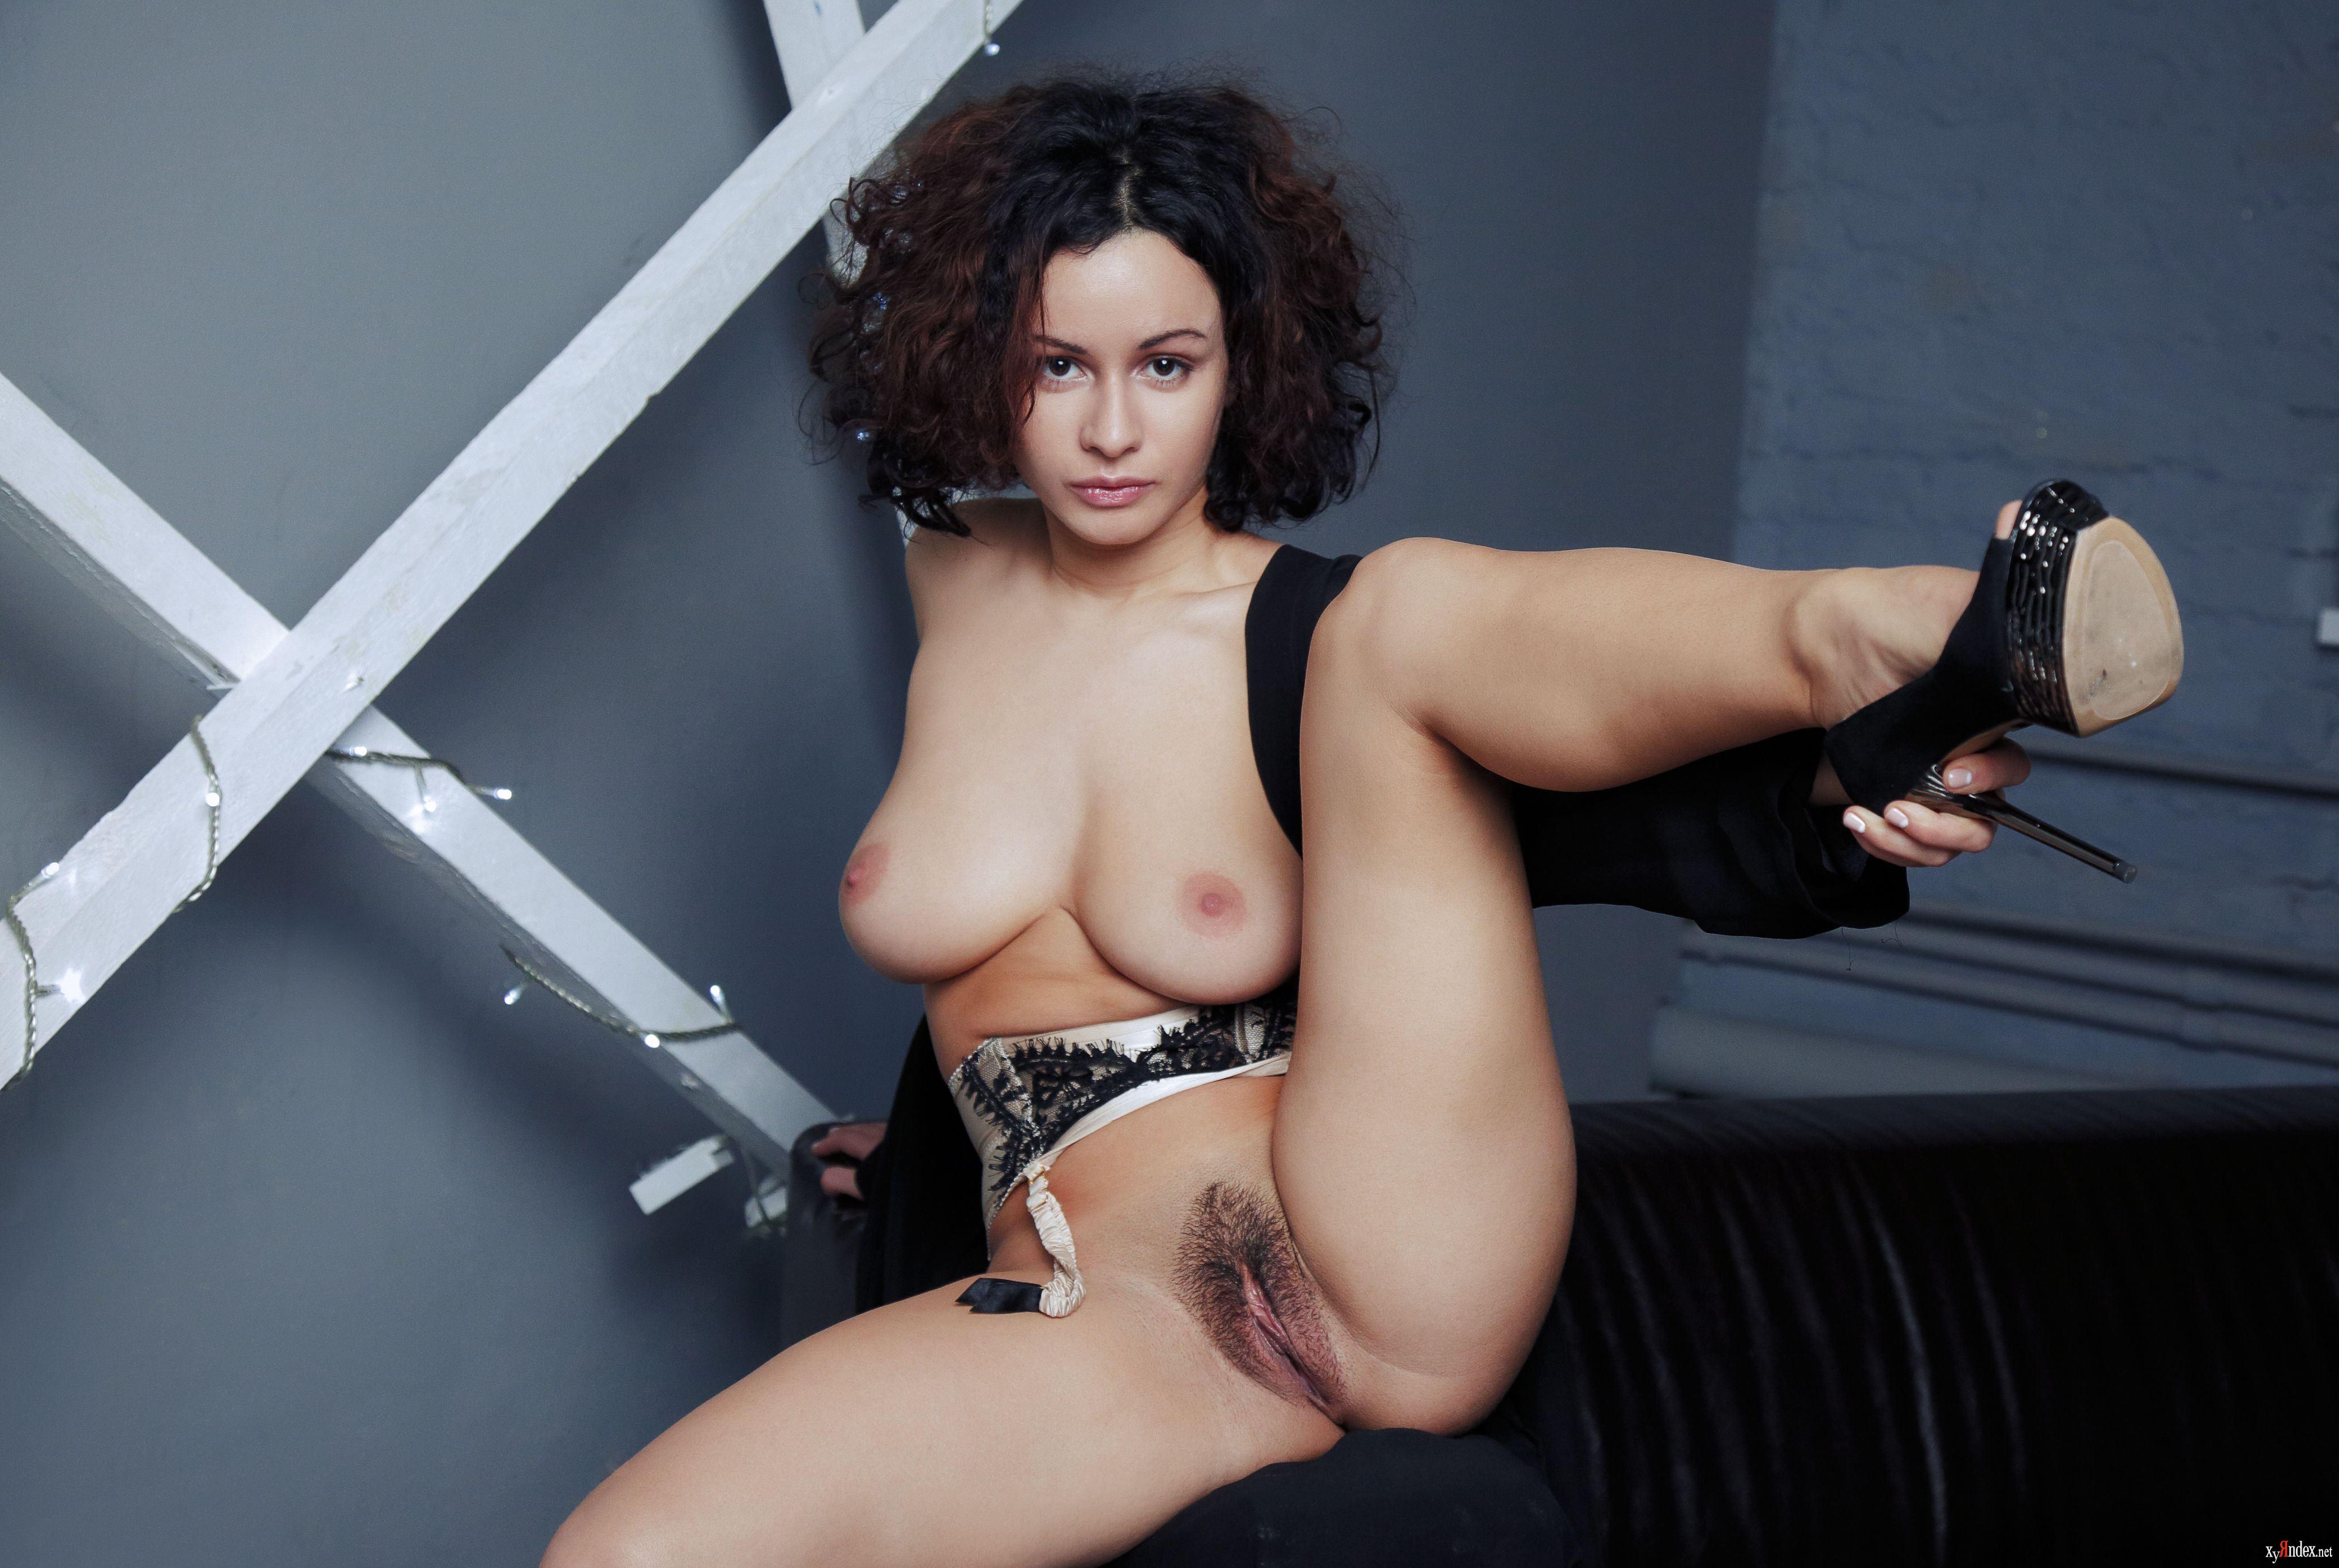 Личная жизнь стася стеллер порно фильм, жена подрочила другу видео онлайн